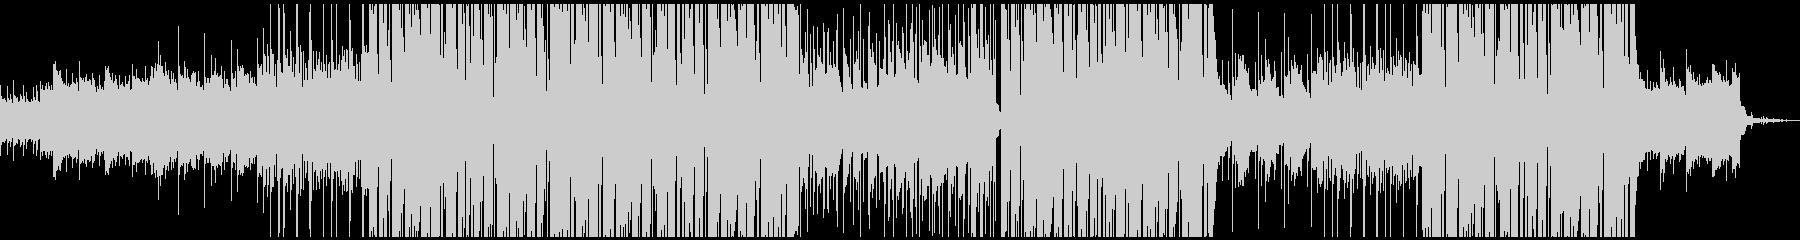 ローファイ感のあるトラップビートの未再生の波形